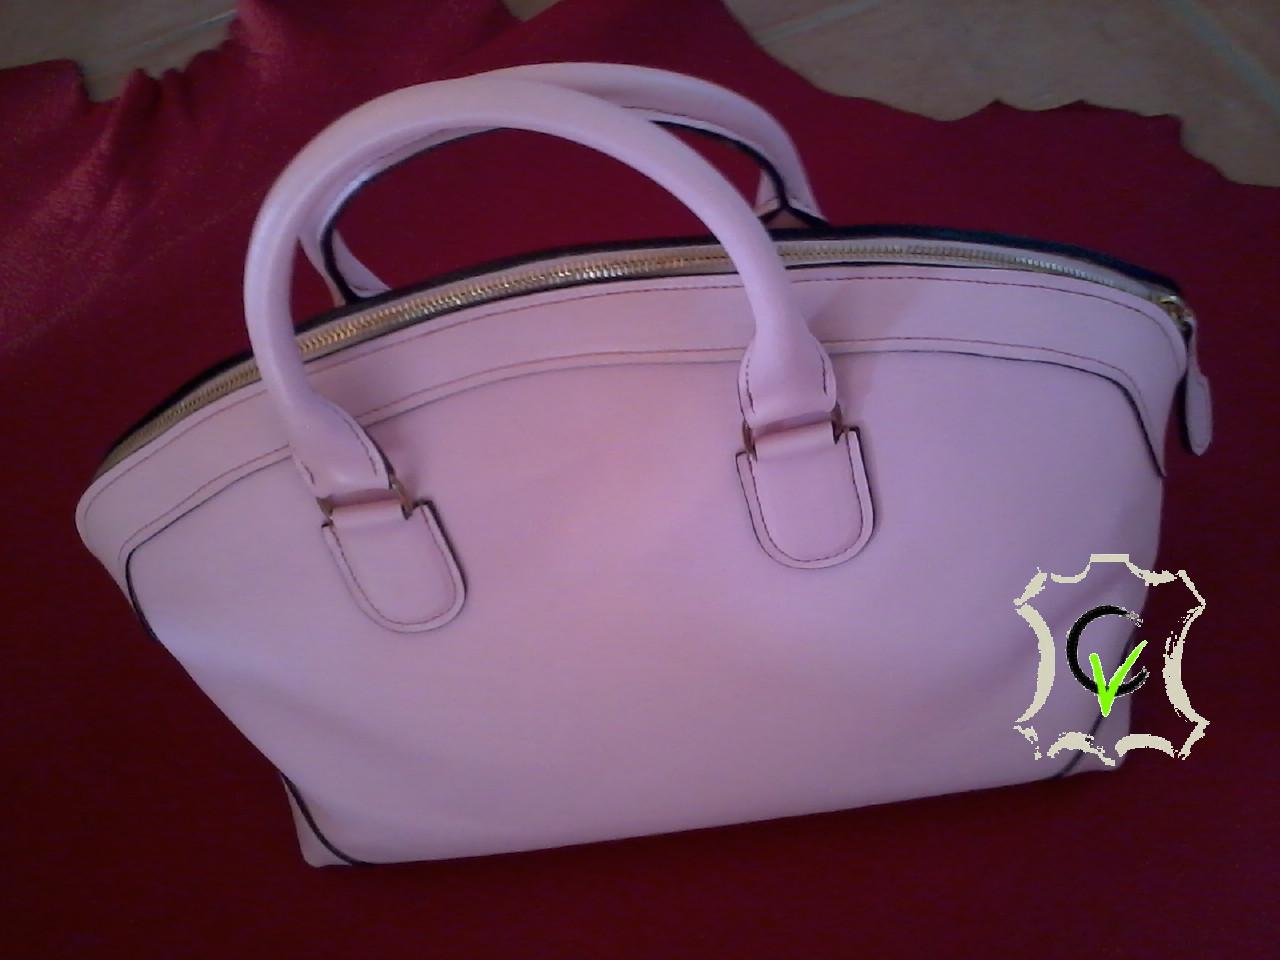 sac à main en cuir vachette rose, doublé cuir vachette beige